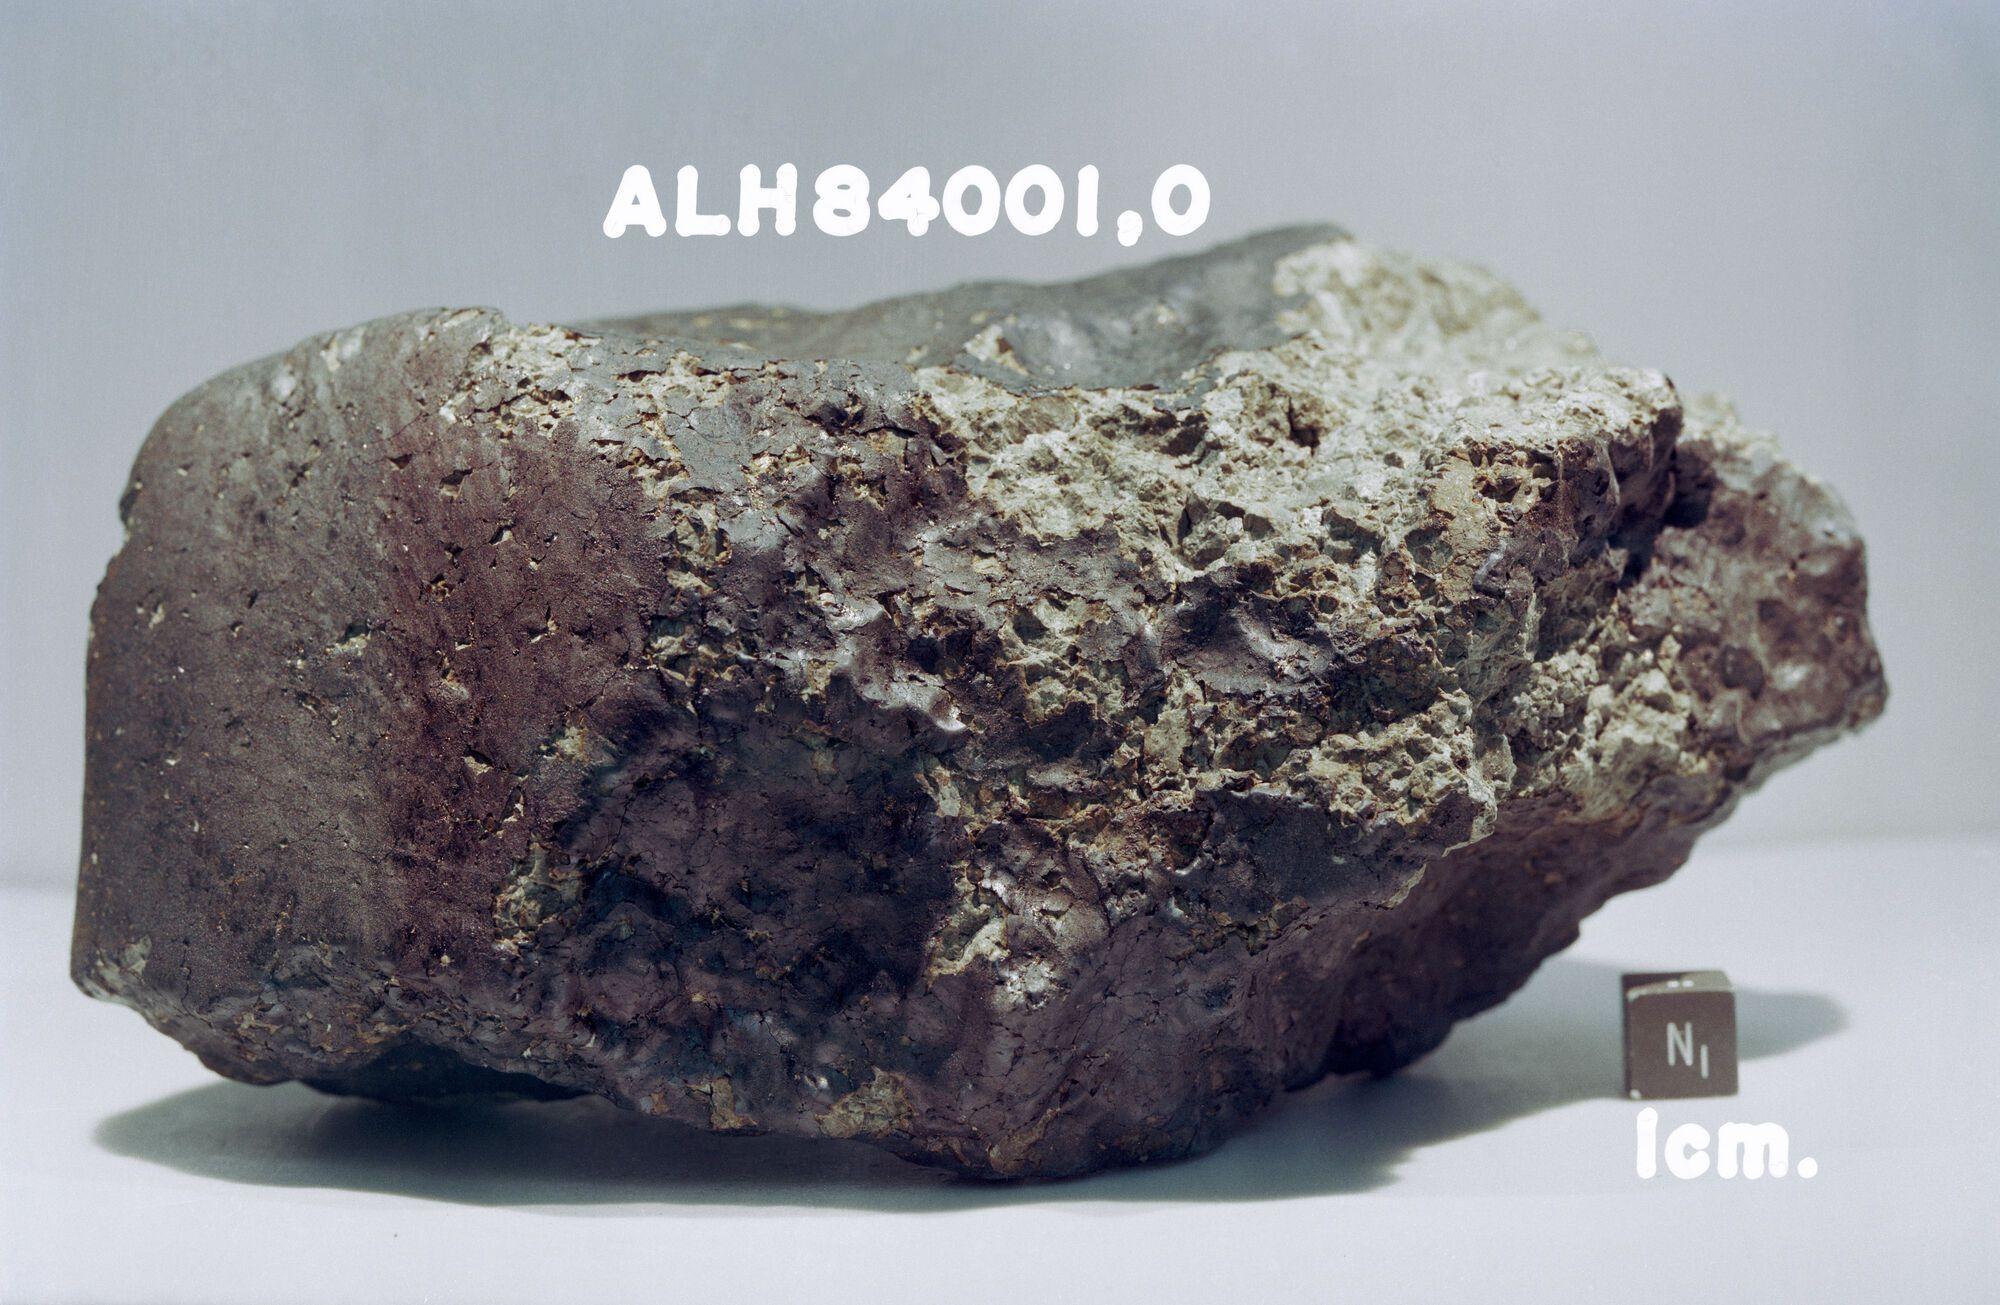 Метеорит Allan Hills 84001 был найден в 1984 году в горах Алан Хиллс в Антарктиде